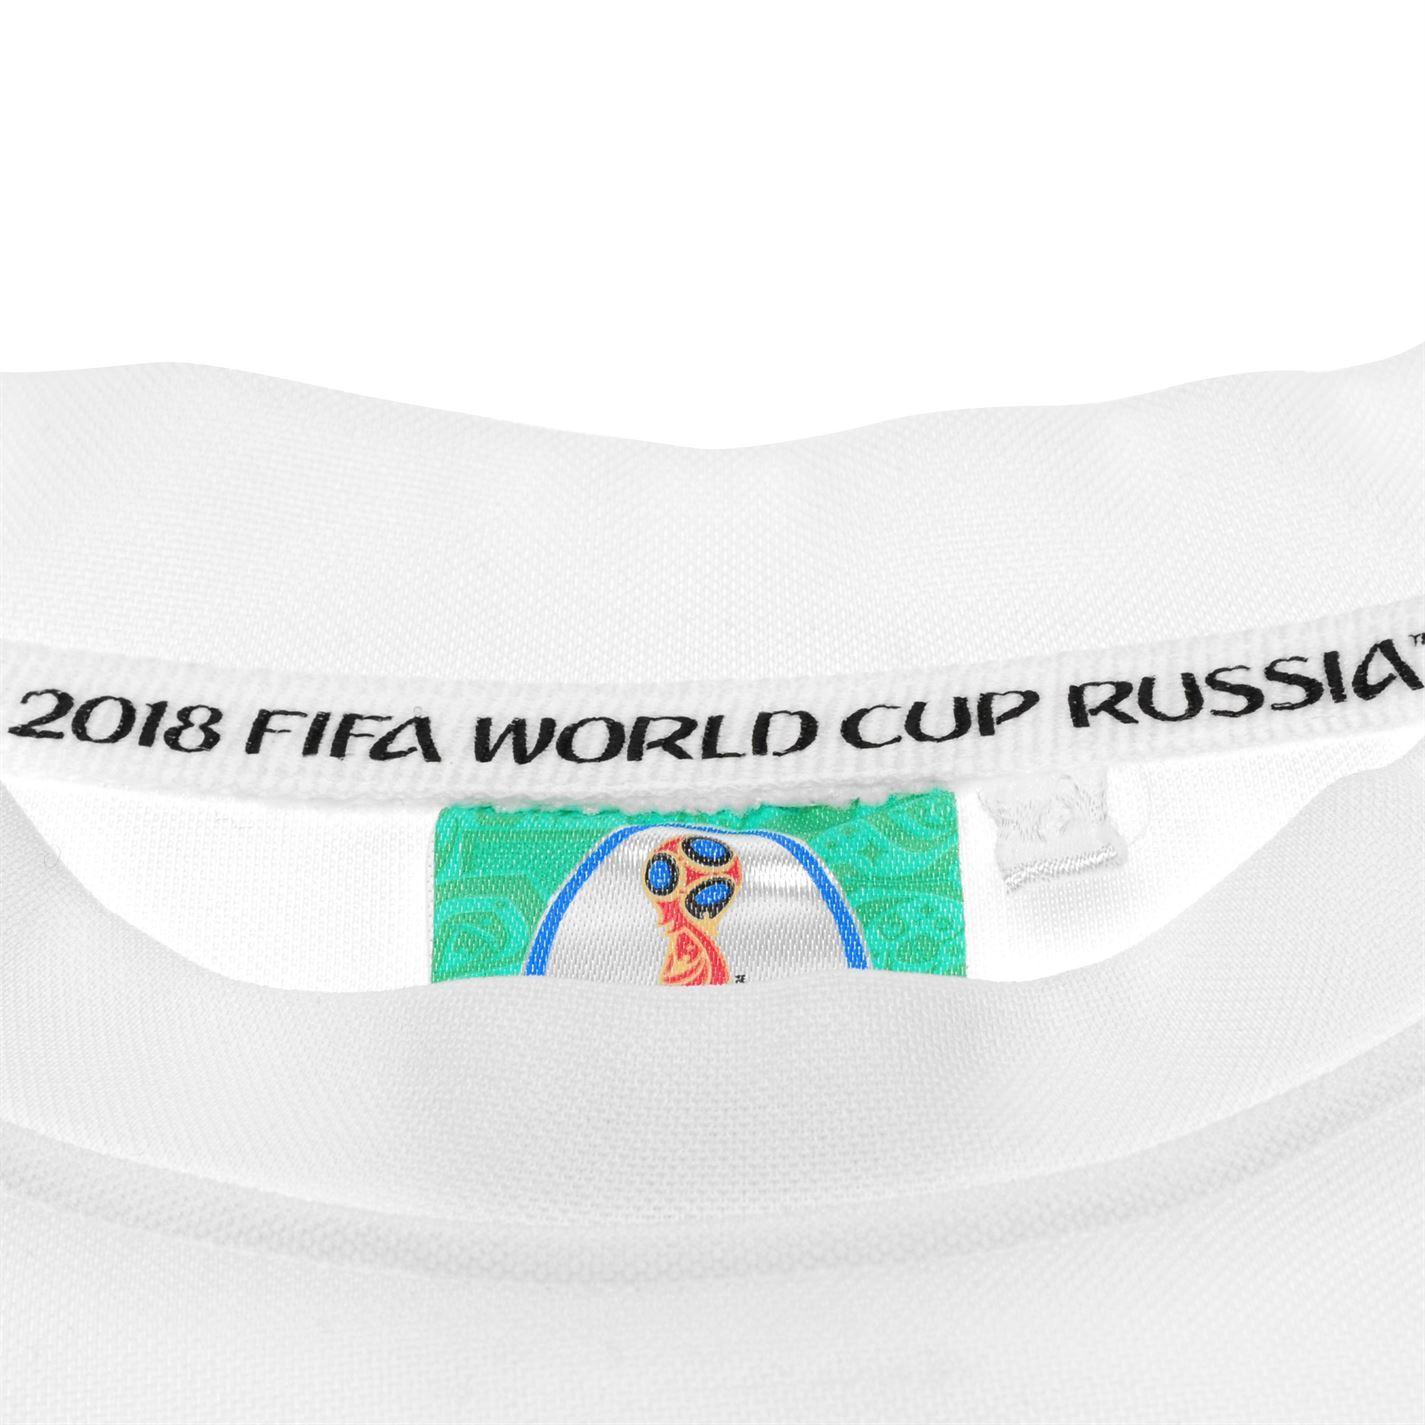 miniature 17 - FIFA Coupe du monde 2018 Angleterre T-Shirt Juniors FOOTBALL SOCCER top tee shirt